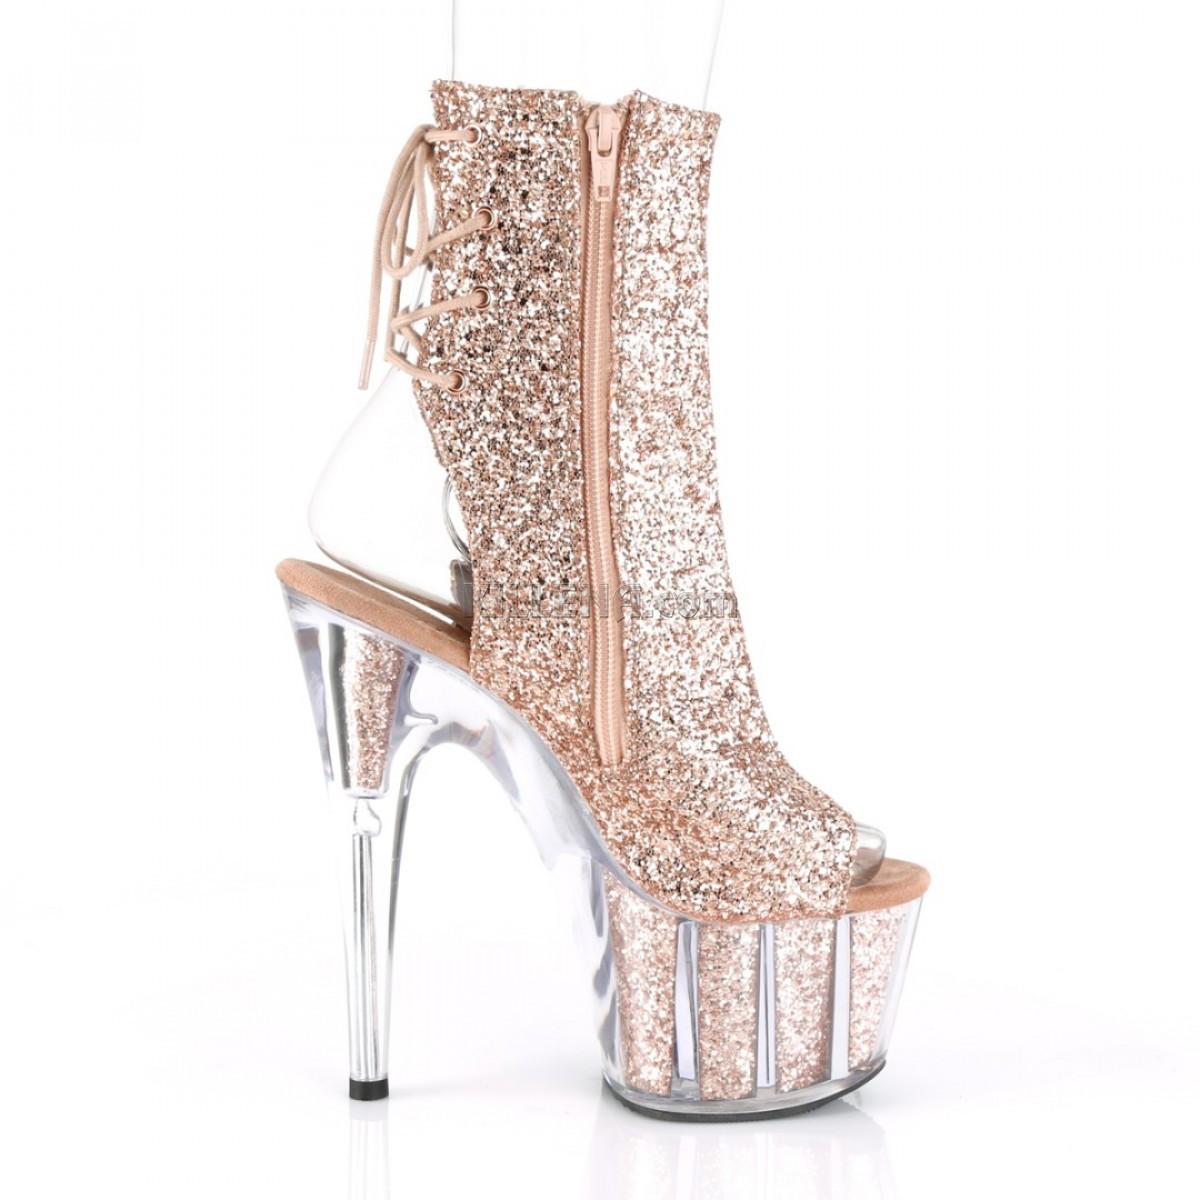 Практичные блестящие ботиночки покрыты бронзовыми блестками